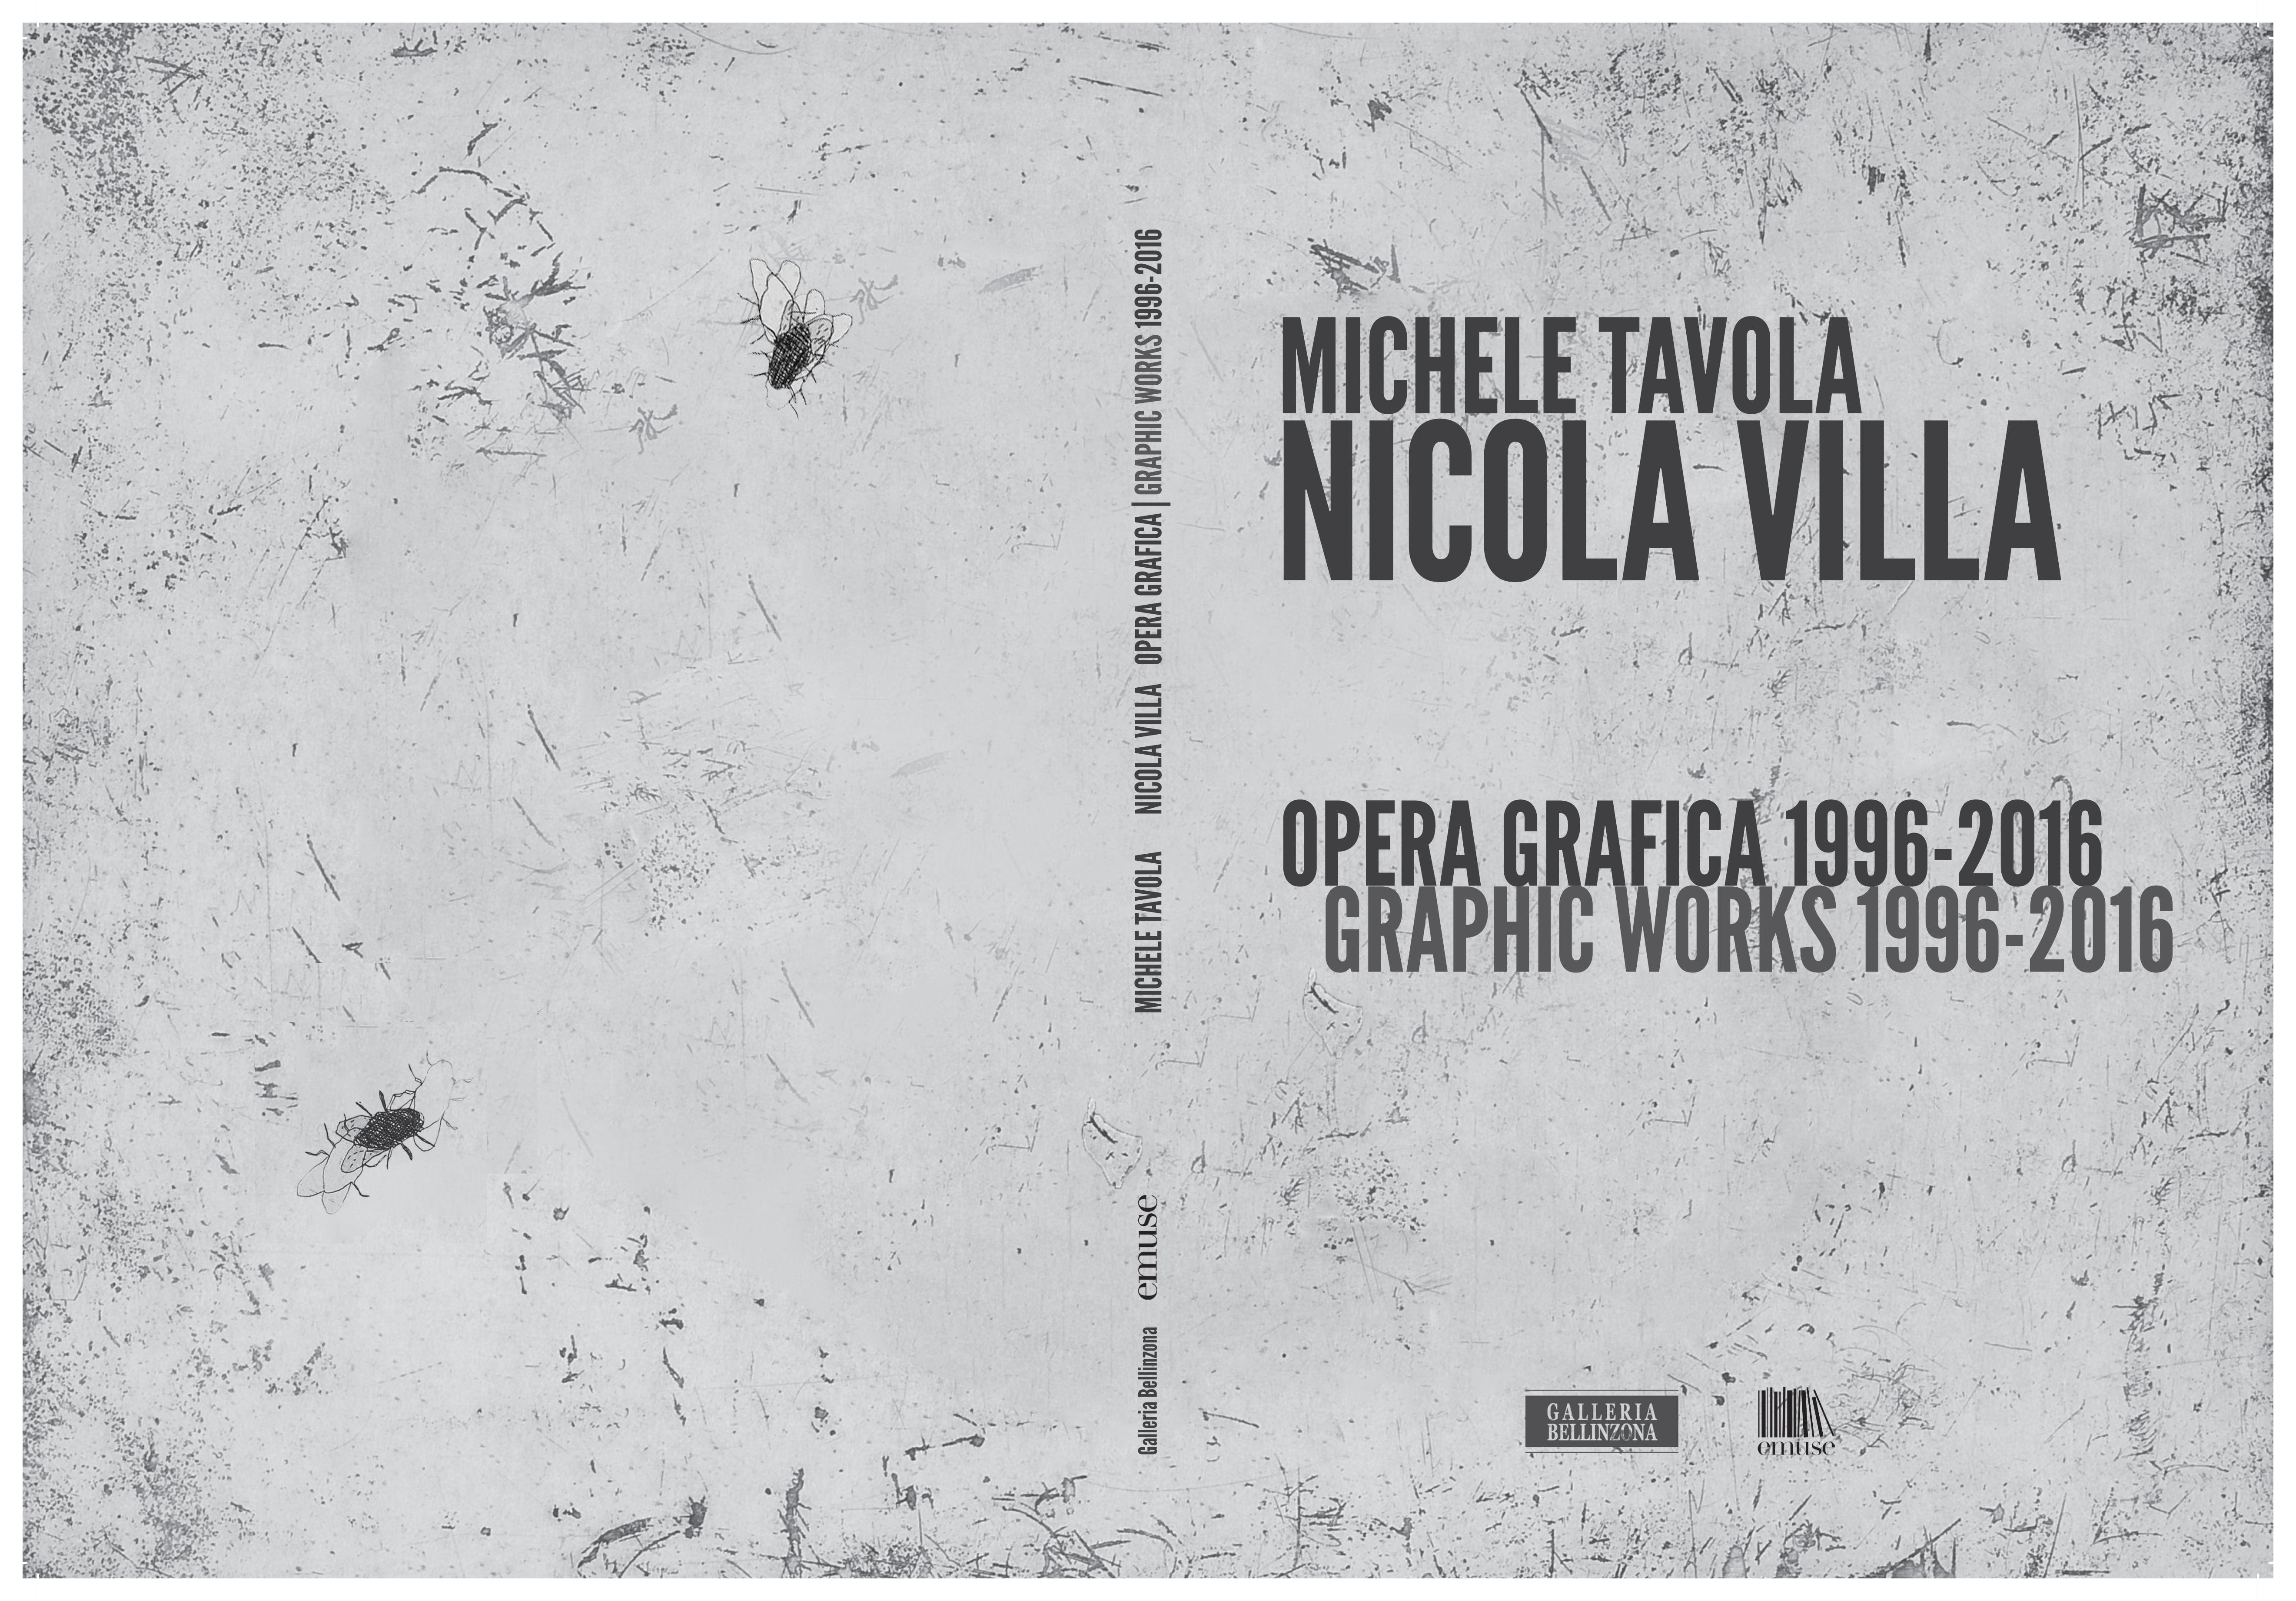 Opera Grafica 1996-2016